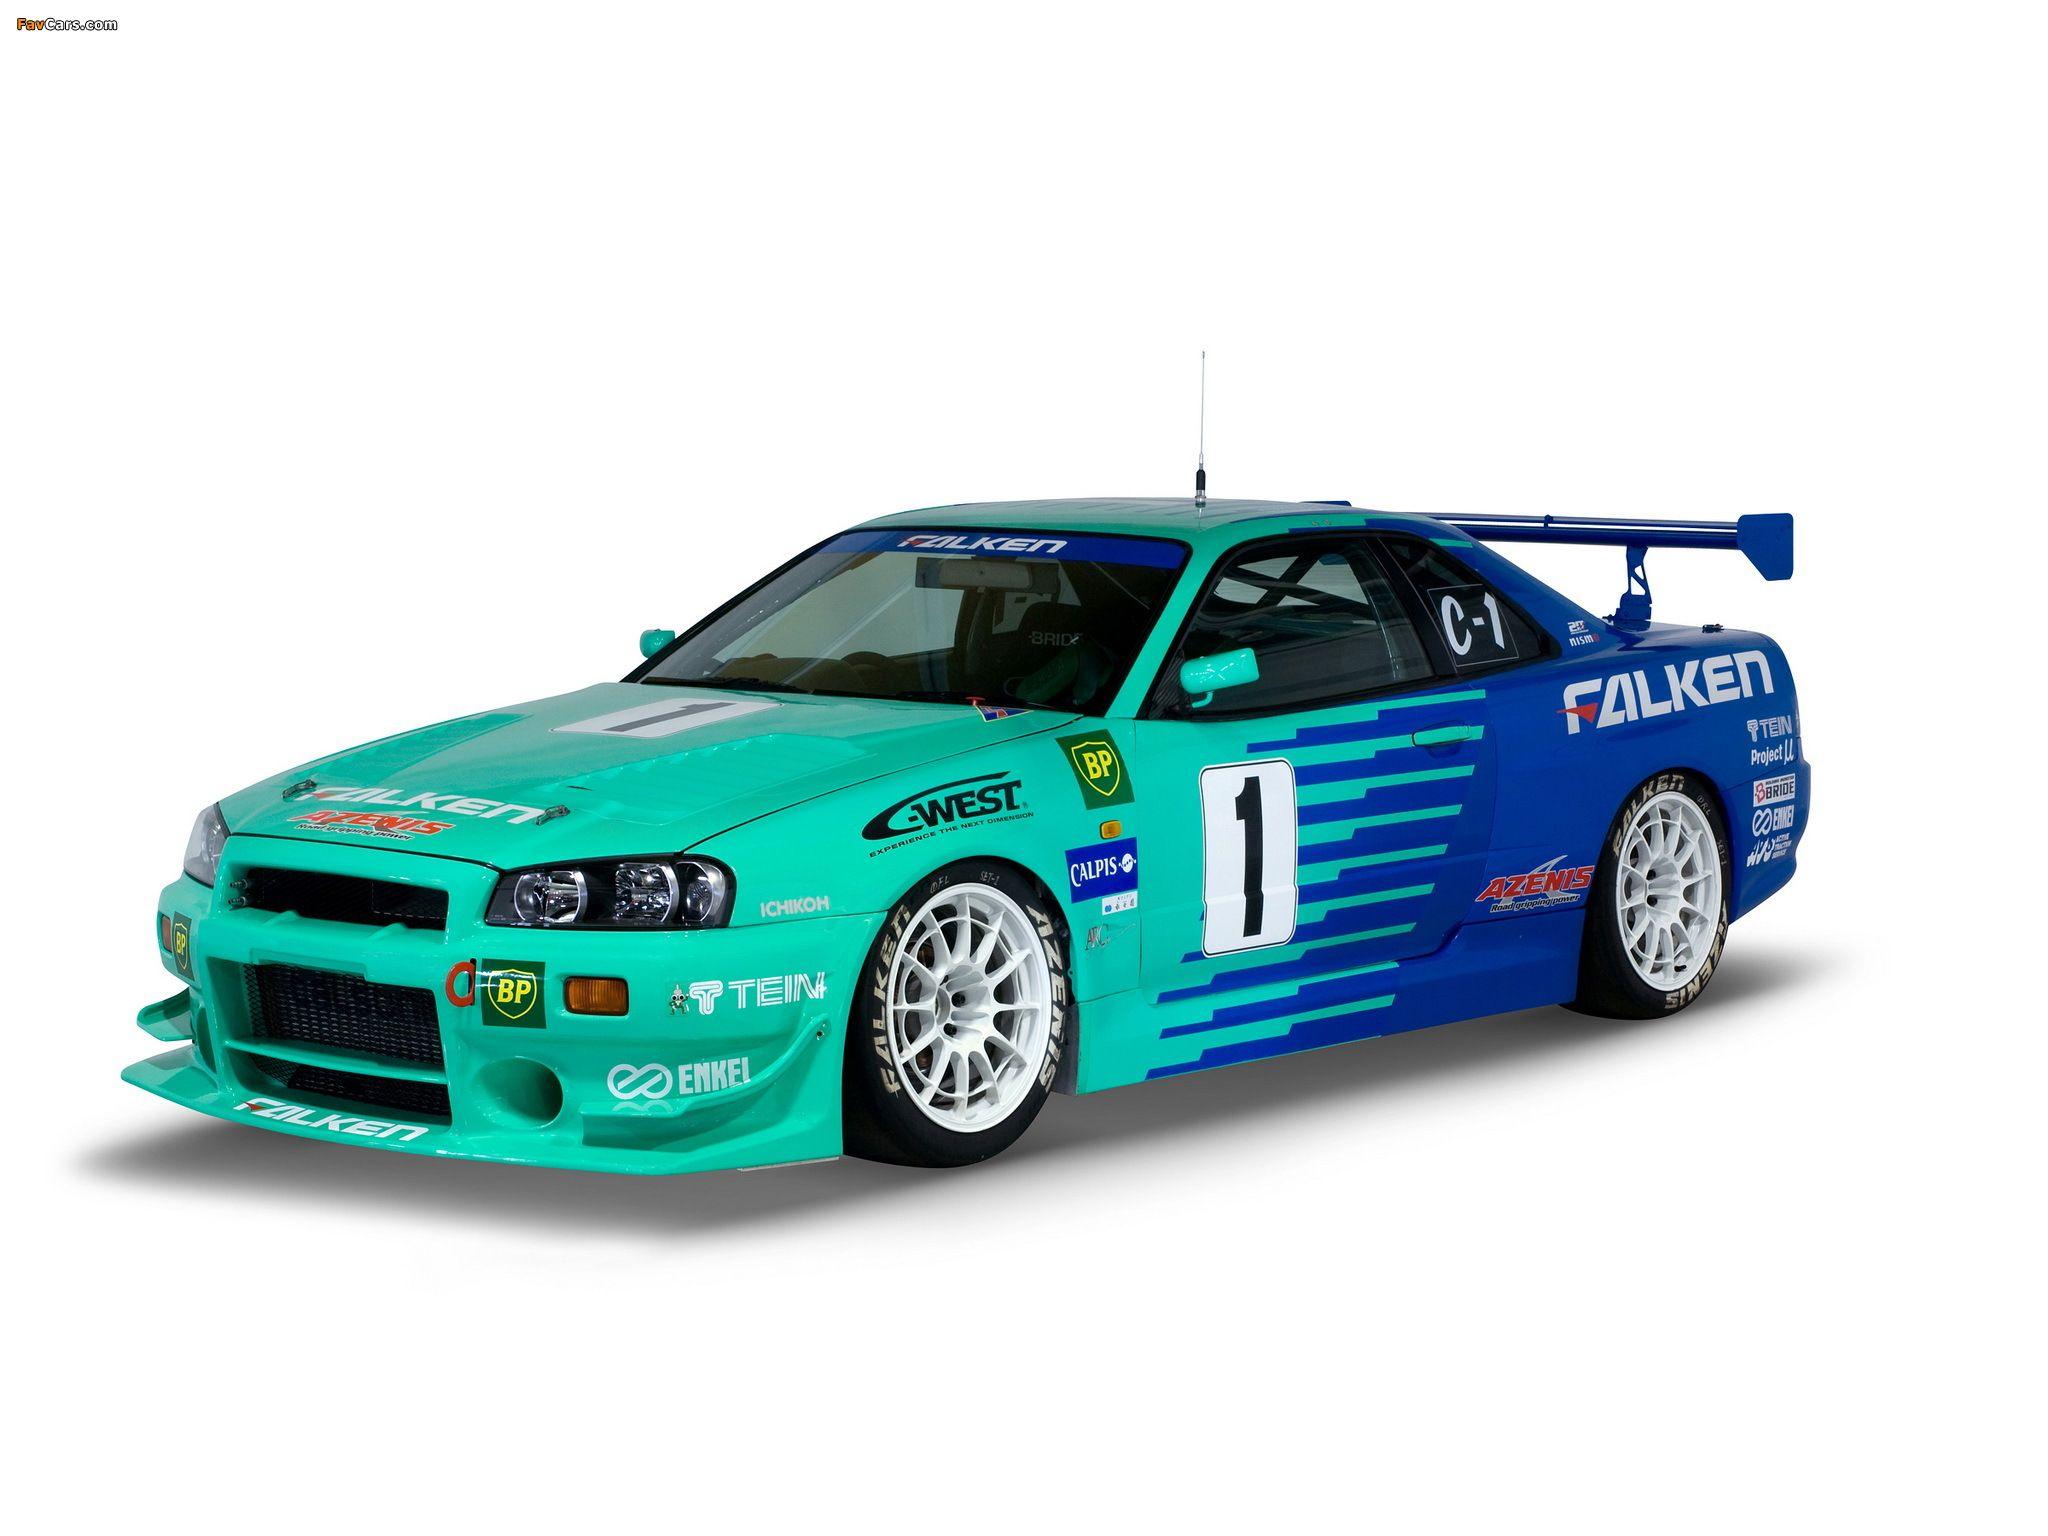 Nissan skyline gt r jgtc race car bnr34 19992003 nissan nissan skyline gt r jgtc race car bnr34 19992003 vanachro Choice Image